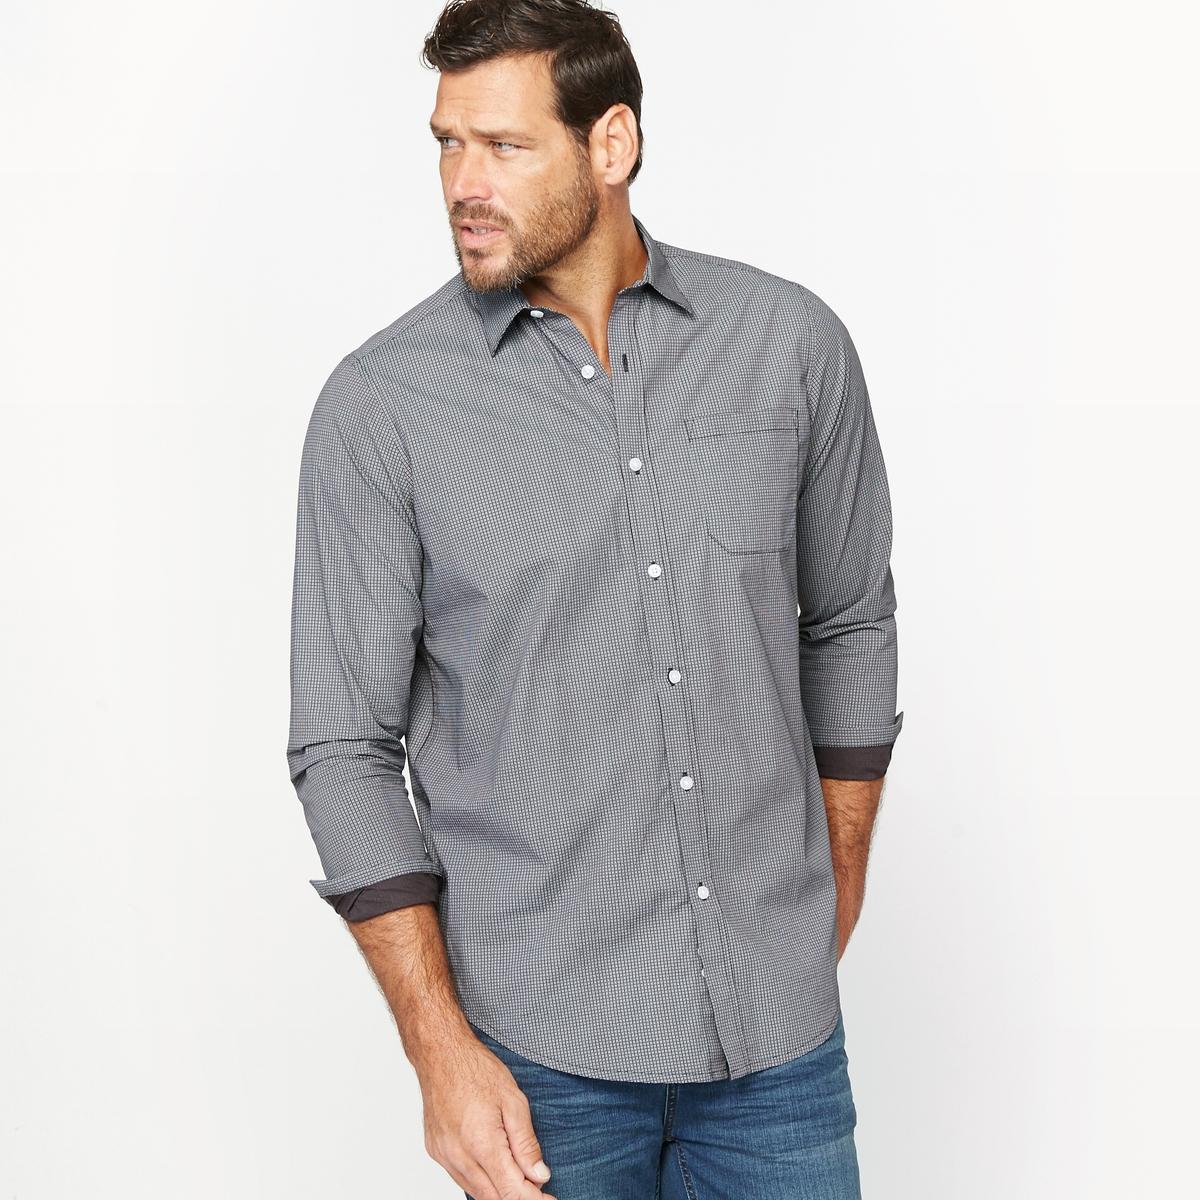 Рубашка с рисункомМатериал : Поплин из 100% хлопка. Длина передней части от 83 до 90 см в зависимости от размера.Марка : CASTALUNA FOR MEN.Уход : Машинная стирка при 30 °C.<br><br>Цвет: черный<br>Размер: 51/52.49/50